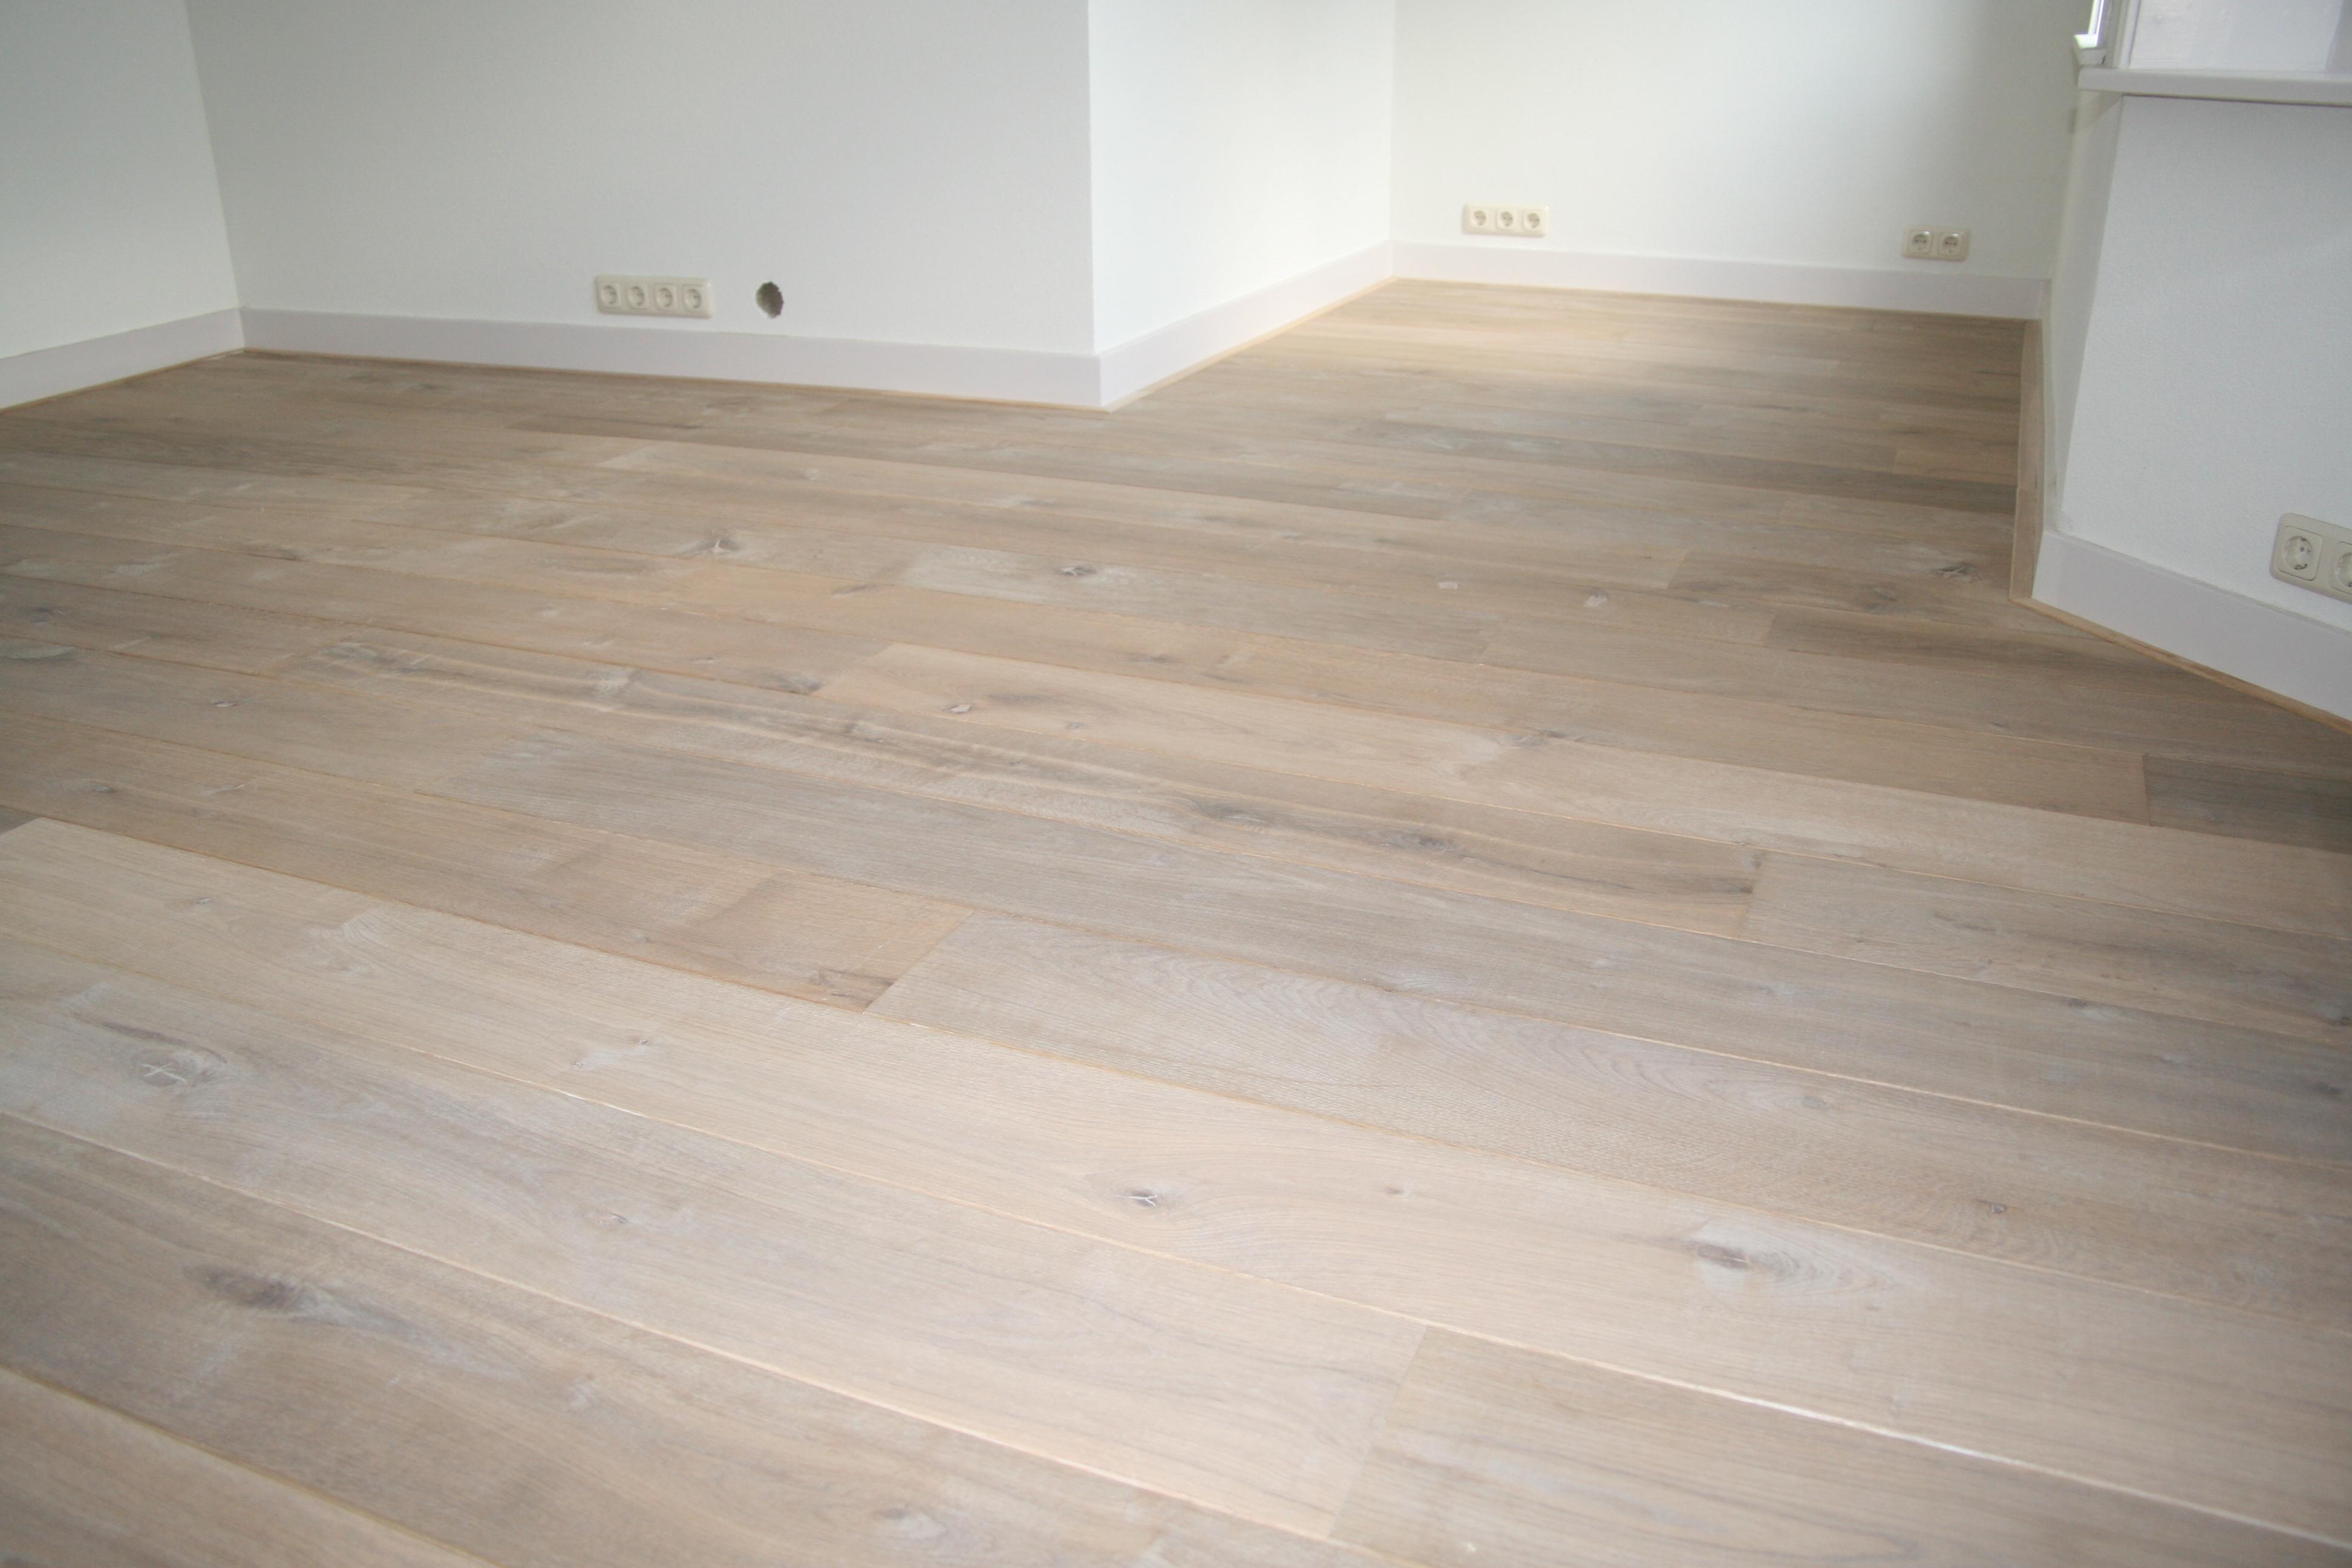 Laminaat Wit Eiken : Laminaat wit eiken elegant houten vloer visgraat wit eiken via